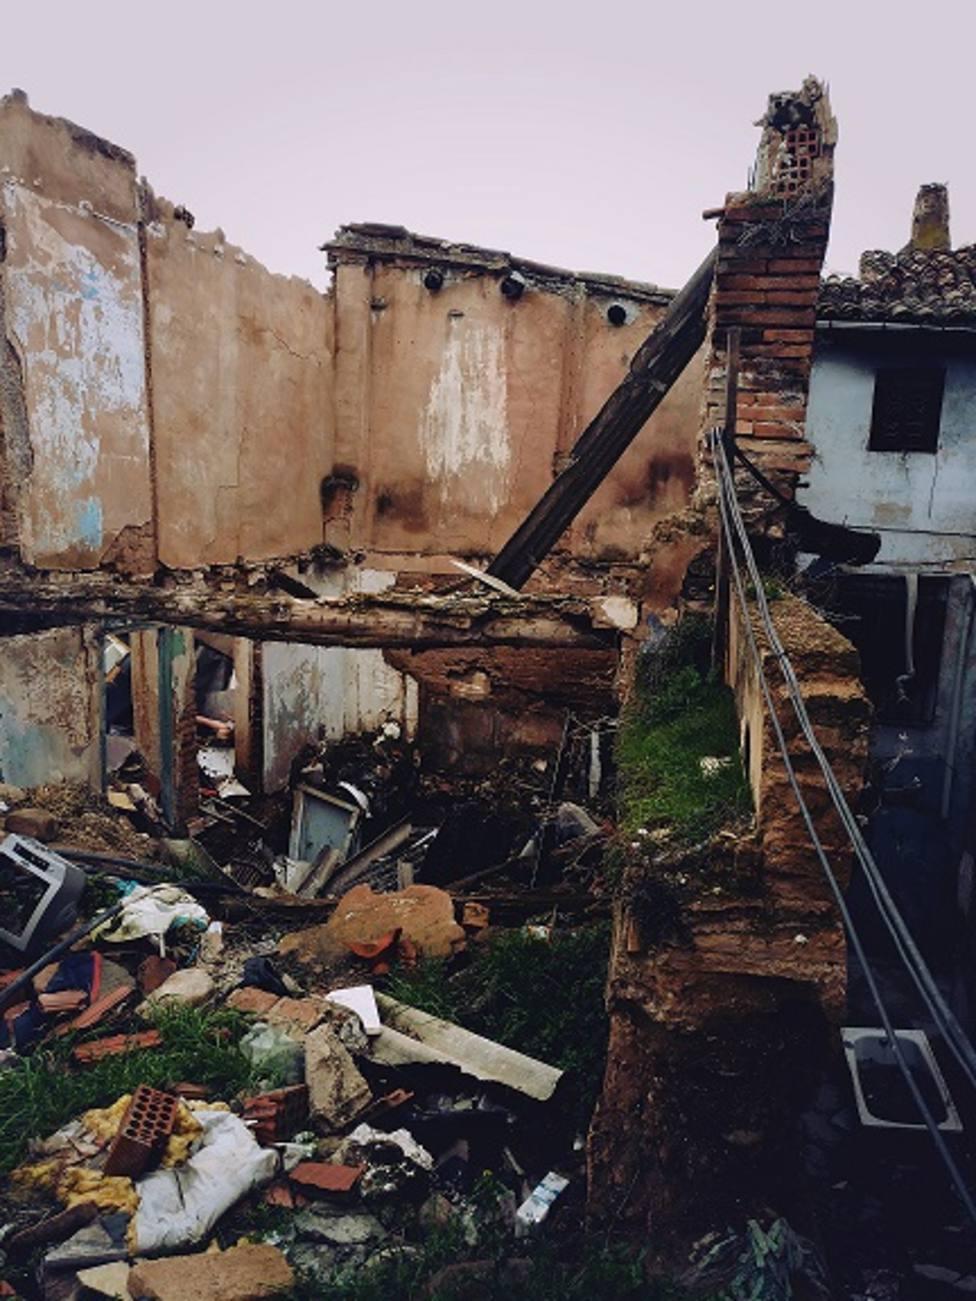 Sorprendente actuación del Ayuntamiento de Calahorra en la parte más deteriorada de su casco viejo